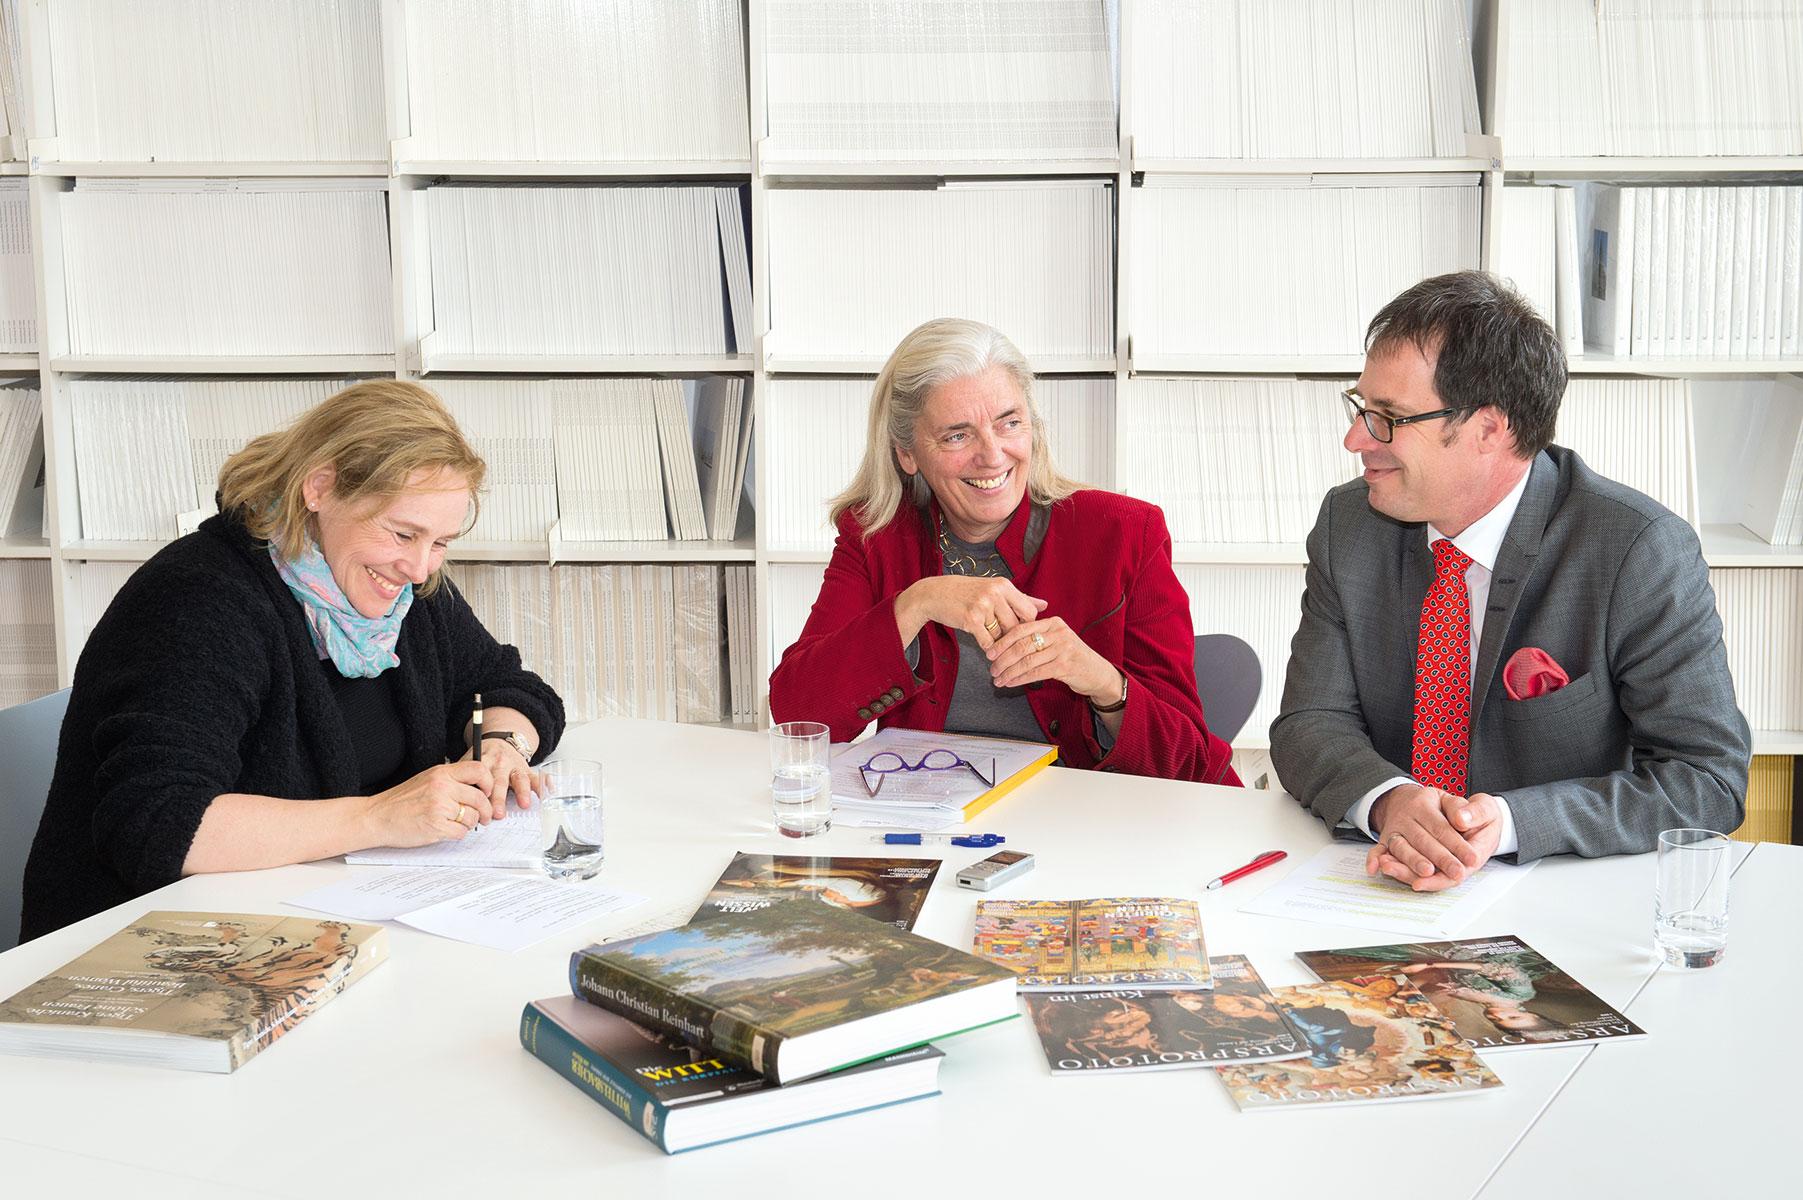 Uta Baier (links) im Gespräch mit Isabel Pfeiffer-Poensgen und Martin Hoernes © Stefan Gloede